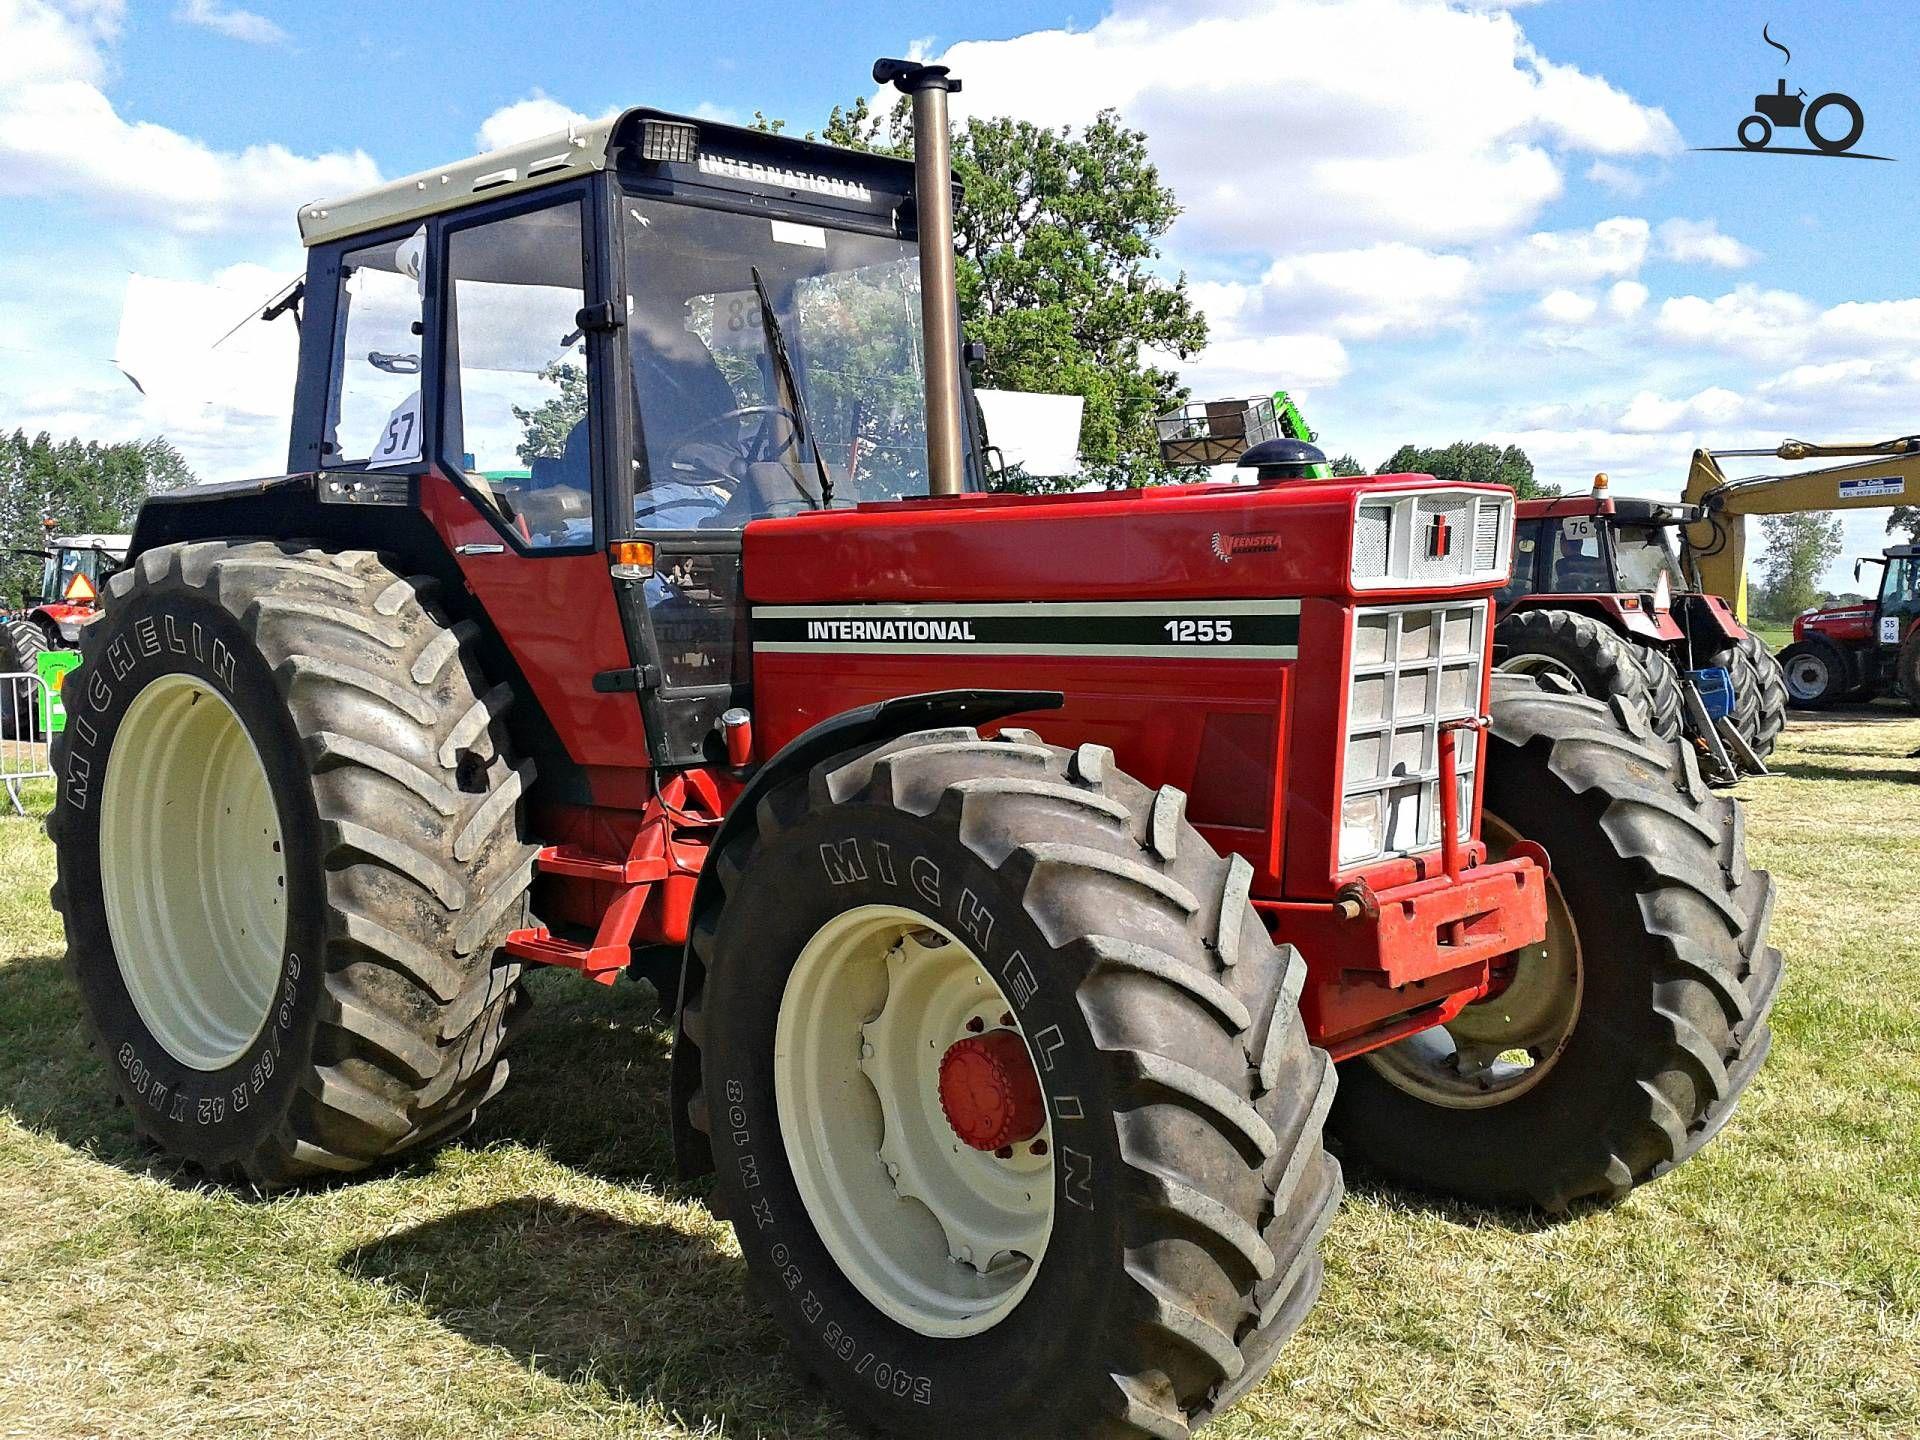 IH 1255 International Tractor | International 1255 van case ih maxxum Druk  bezig met poseren.